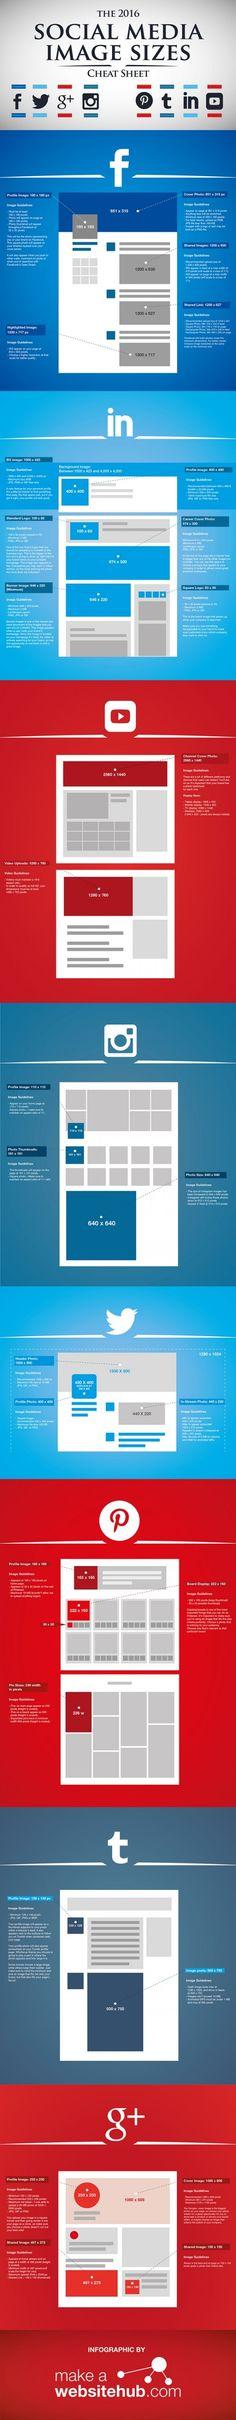 Guide 2016 des dimensions des images des médias sociaux   Blog Socialshaker